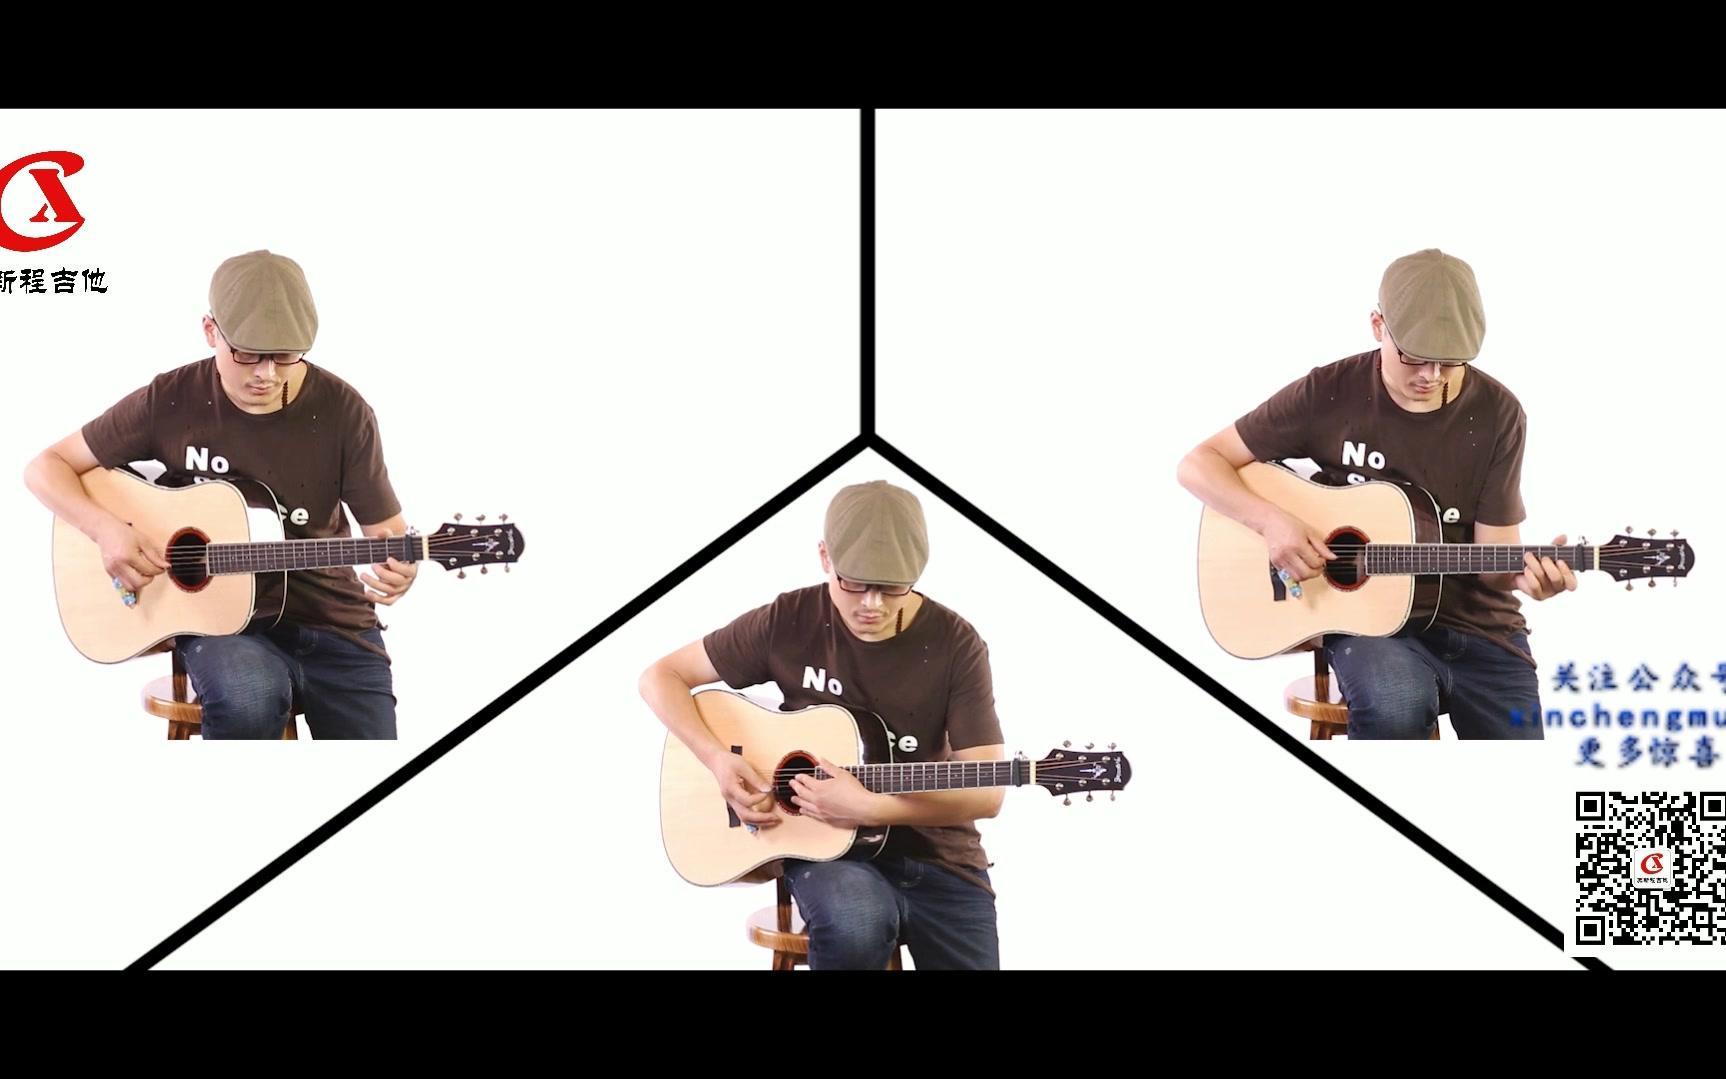 【苏新程改编】吉他演奏86版西游记主题曲云宫迅音